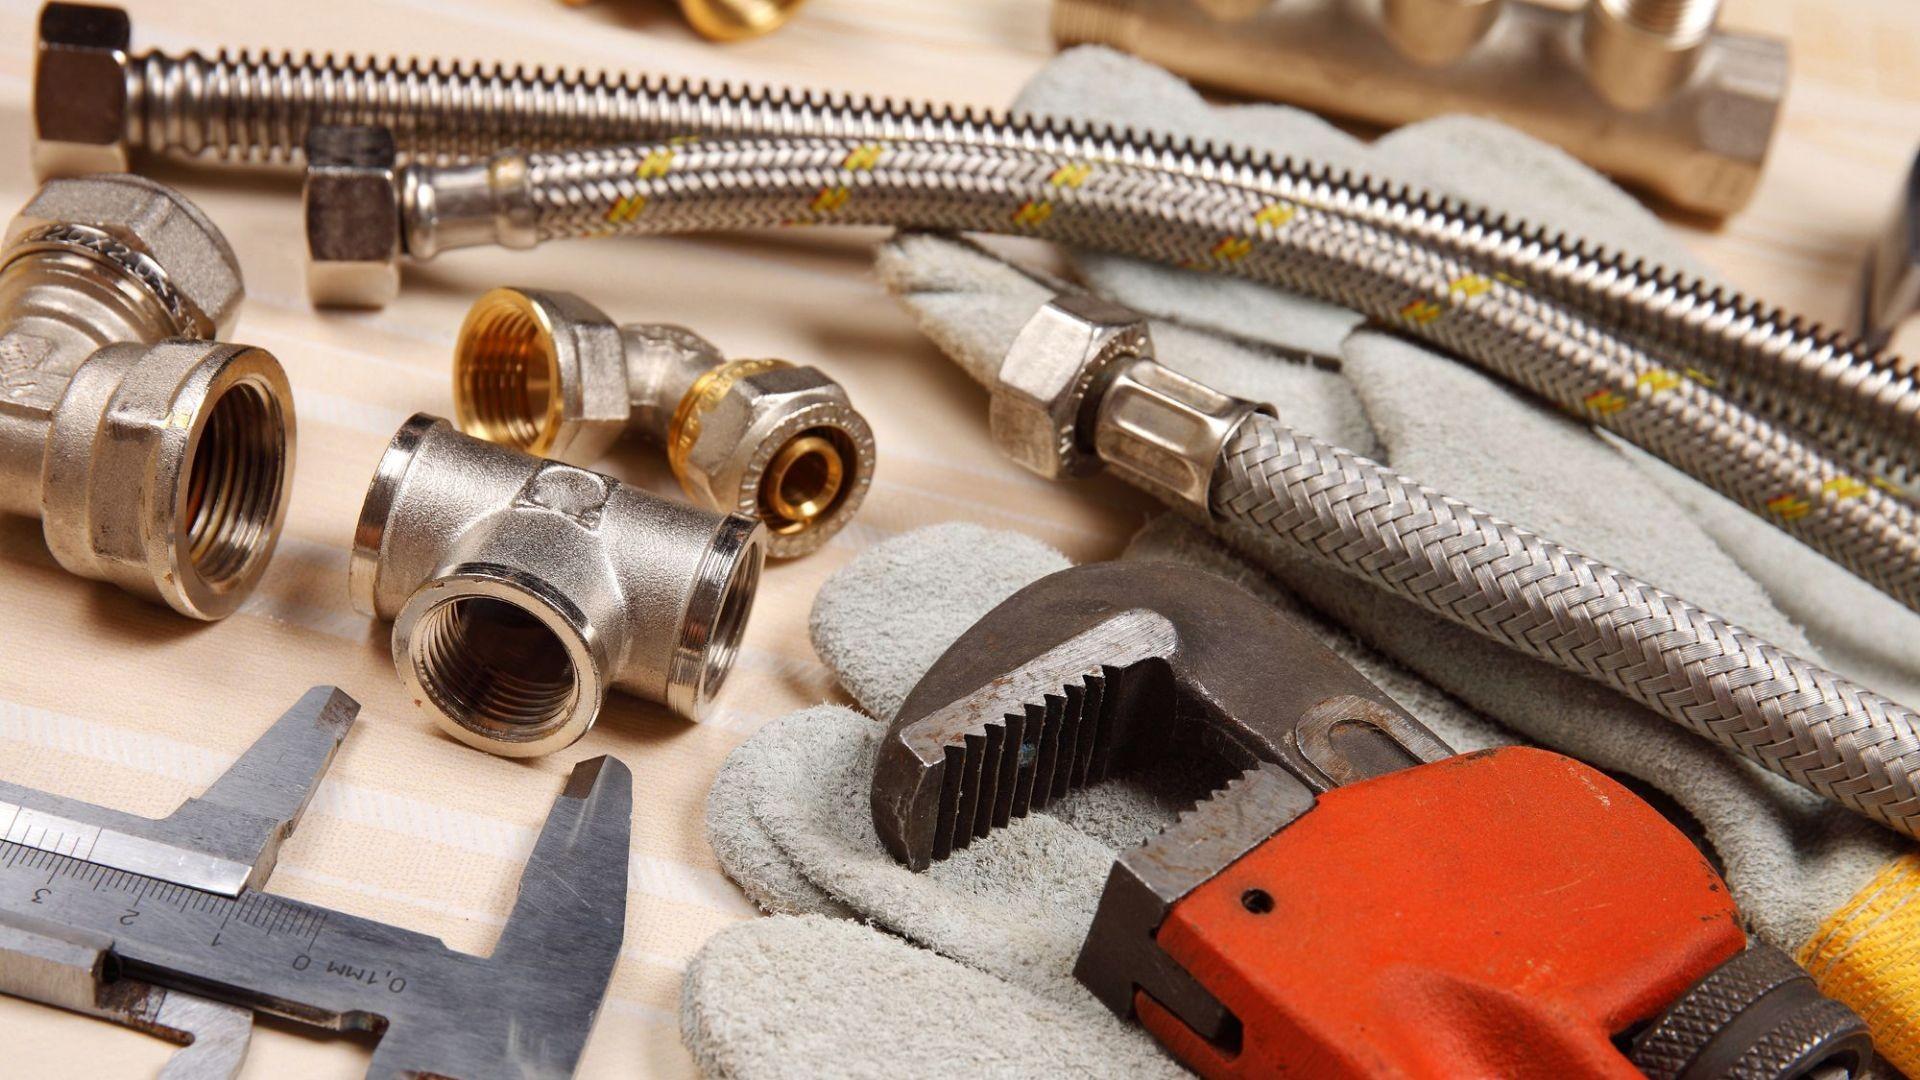 Reparación de calefacción y fontanería en Girona